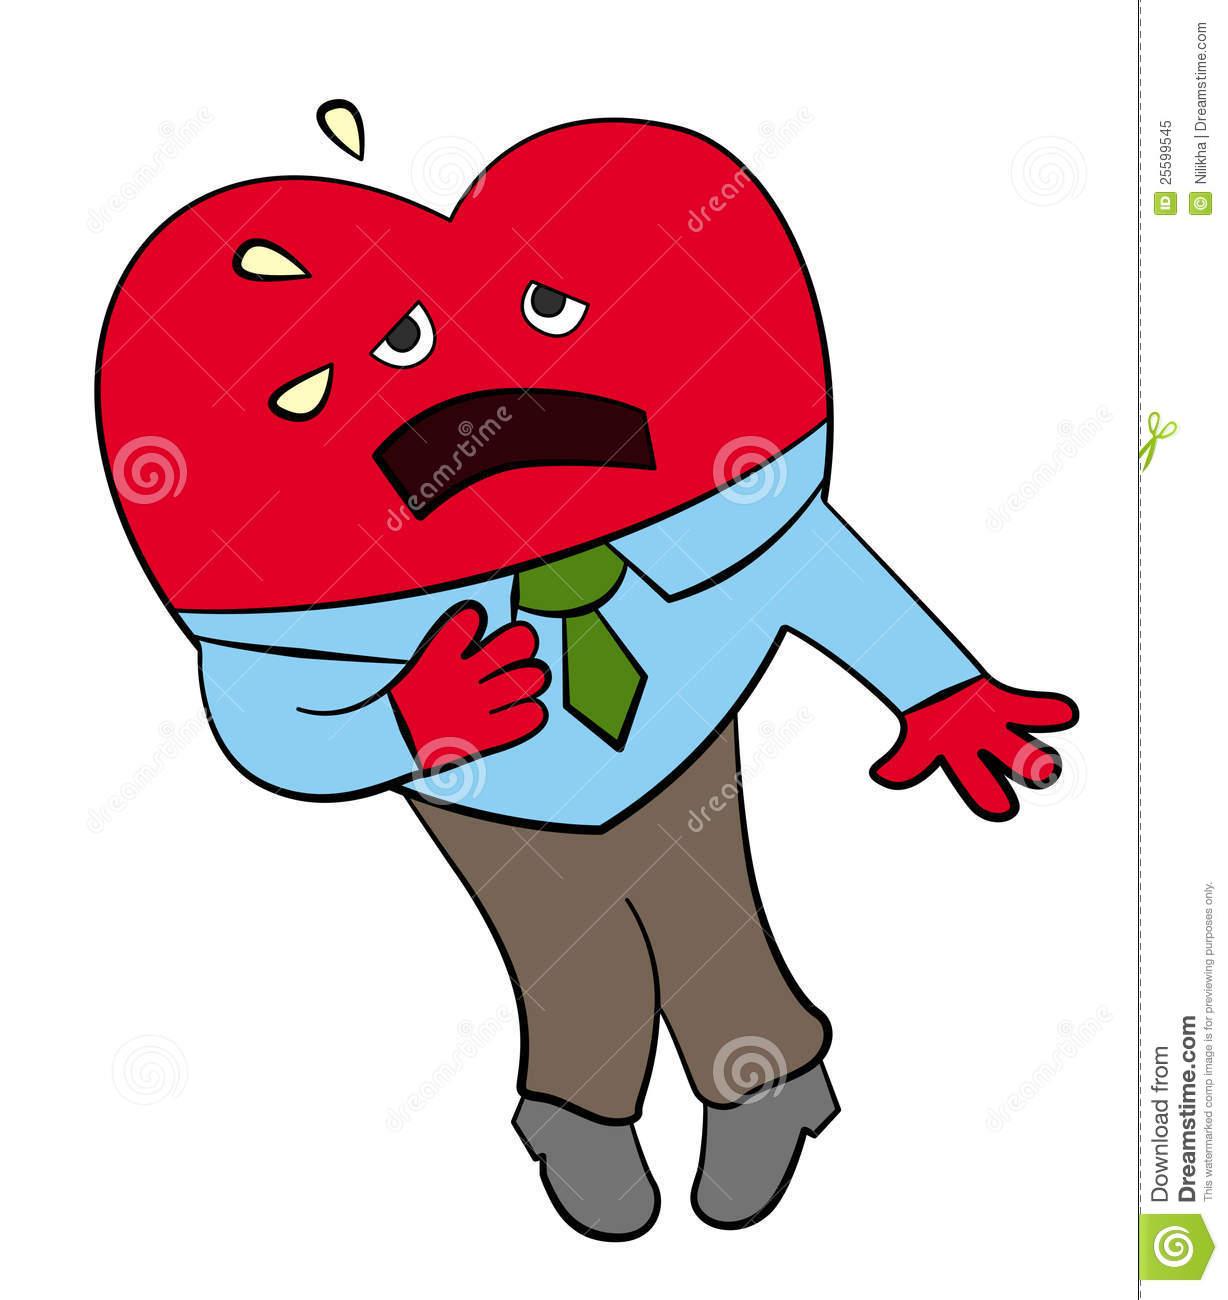 Man having heart attack clipart.